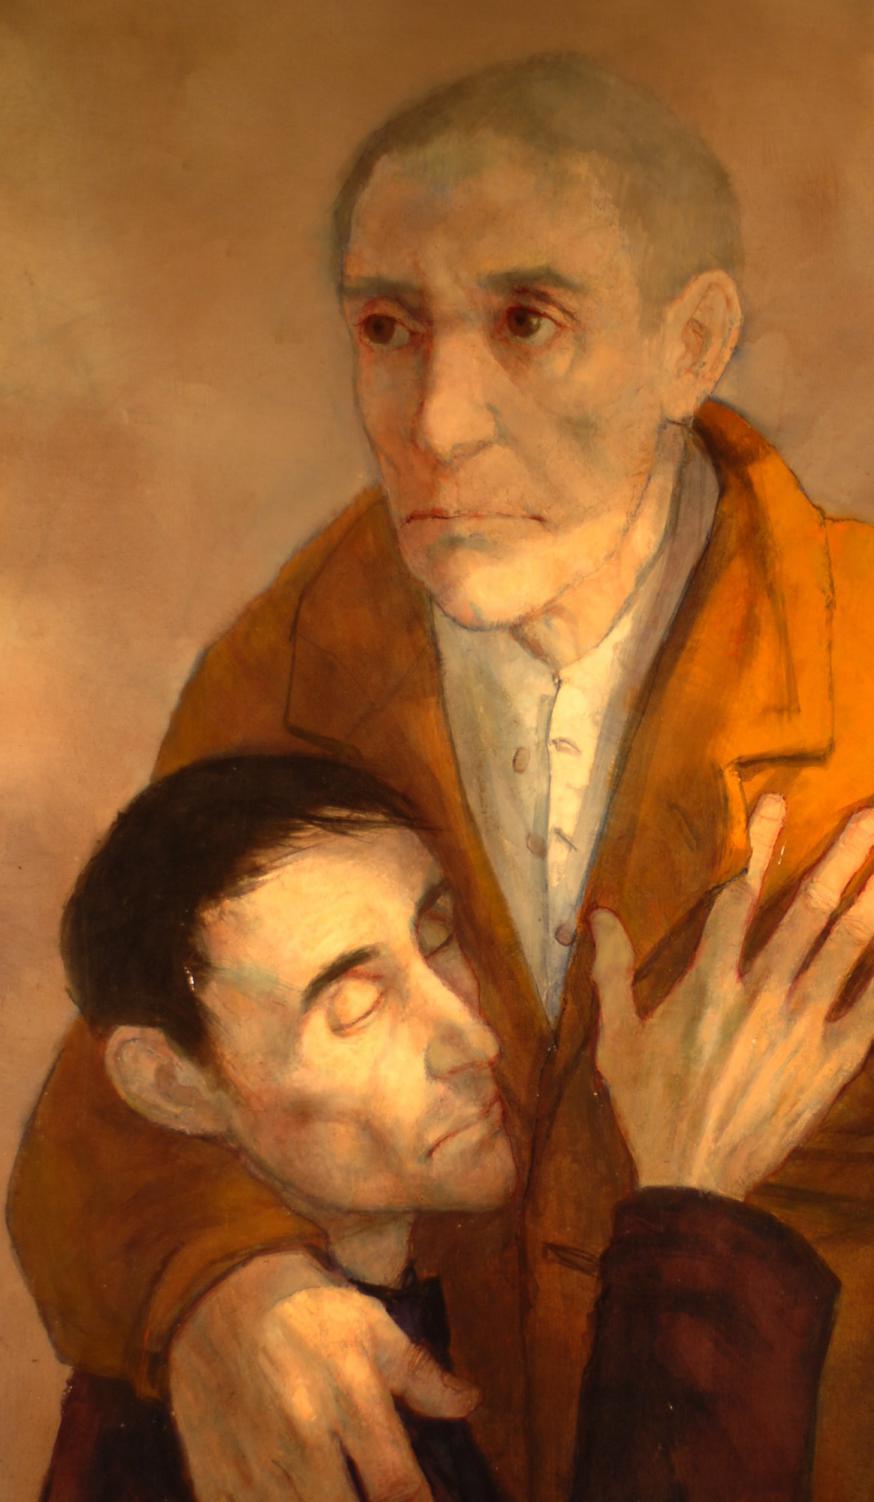 Le retour de l'enfant prodigue - M. Ciry, 1966, olieverf op schilderdoek, 161 cm op 97 cm. © BBK - M. Ciry